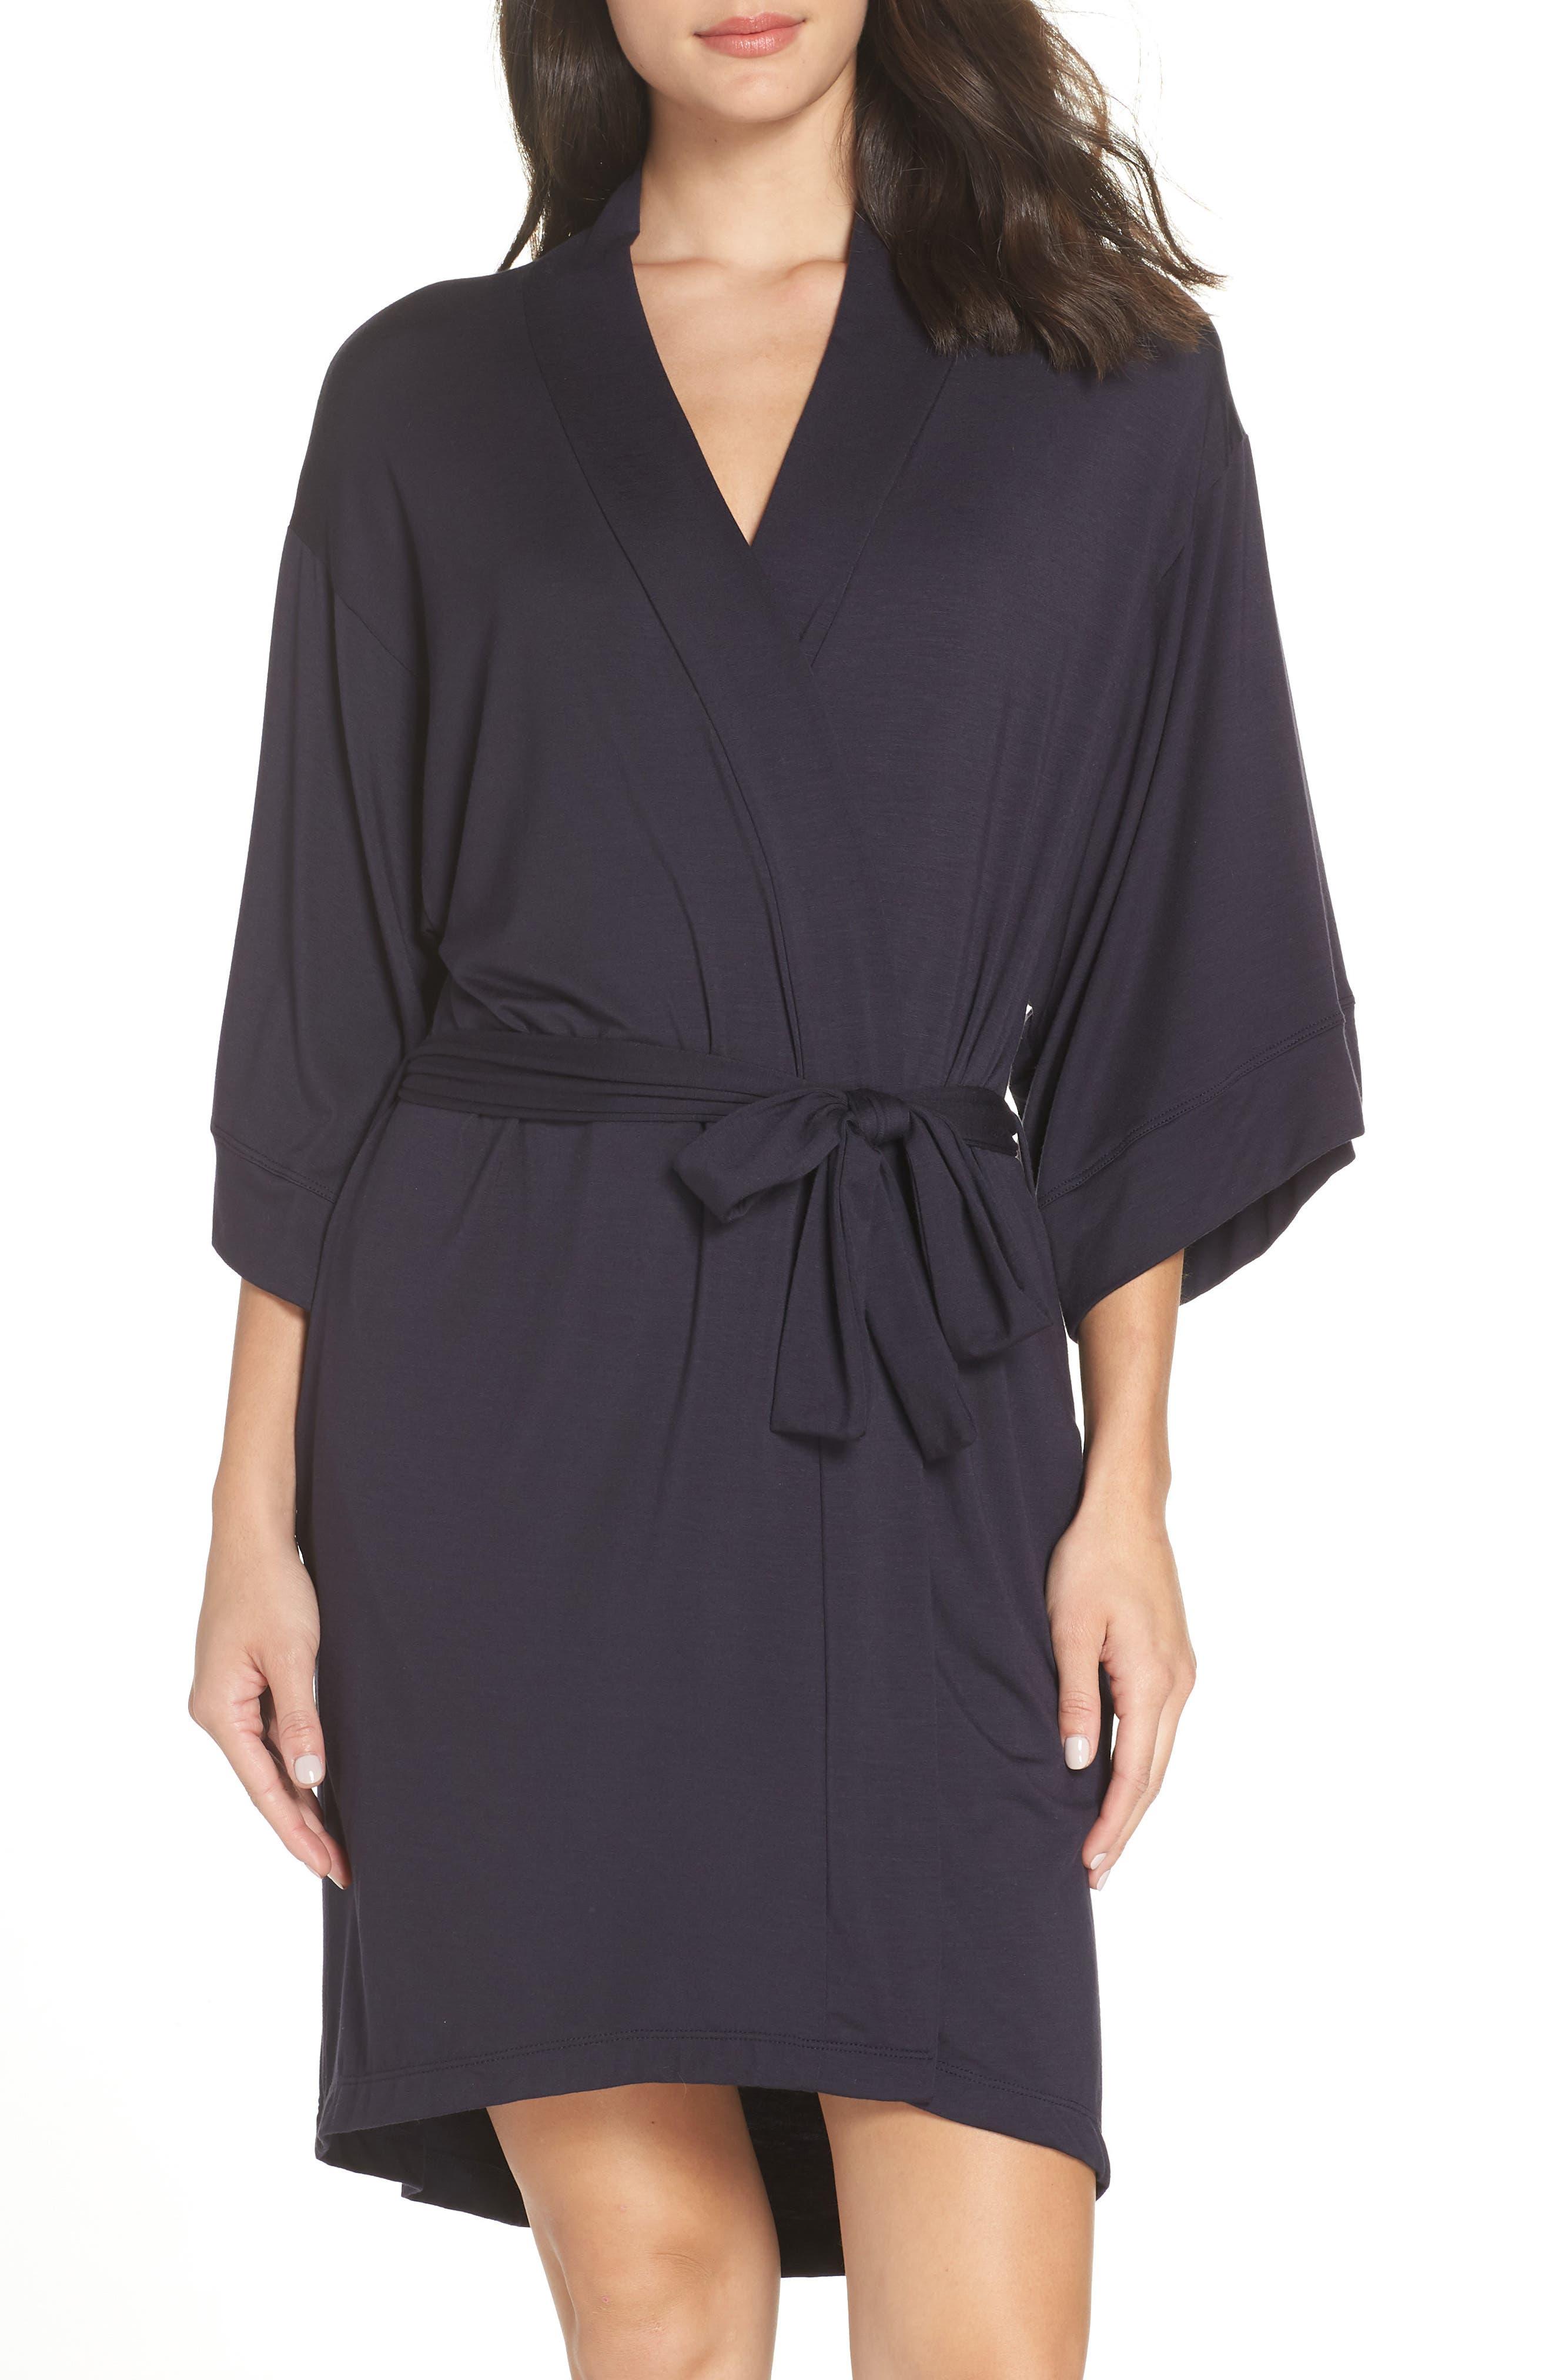 MAISON DU SOIR Florence Short Robe in Dark Navy